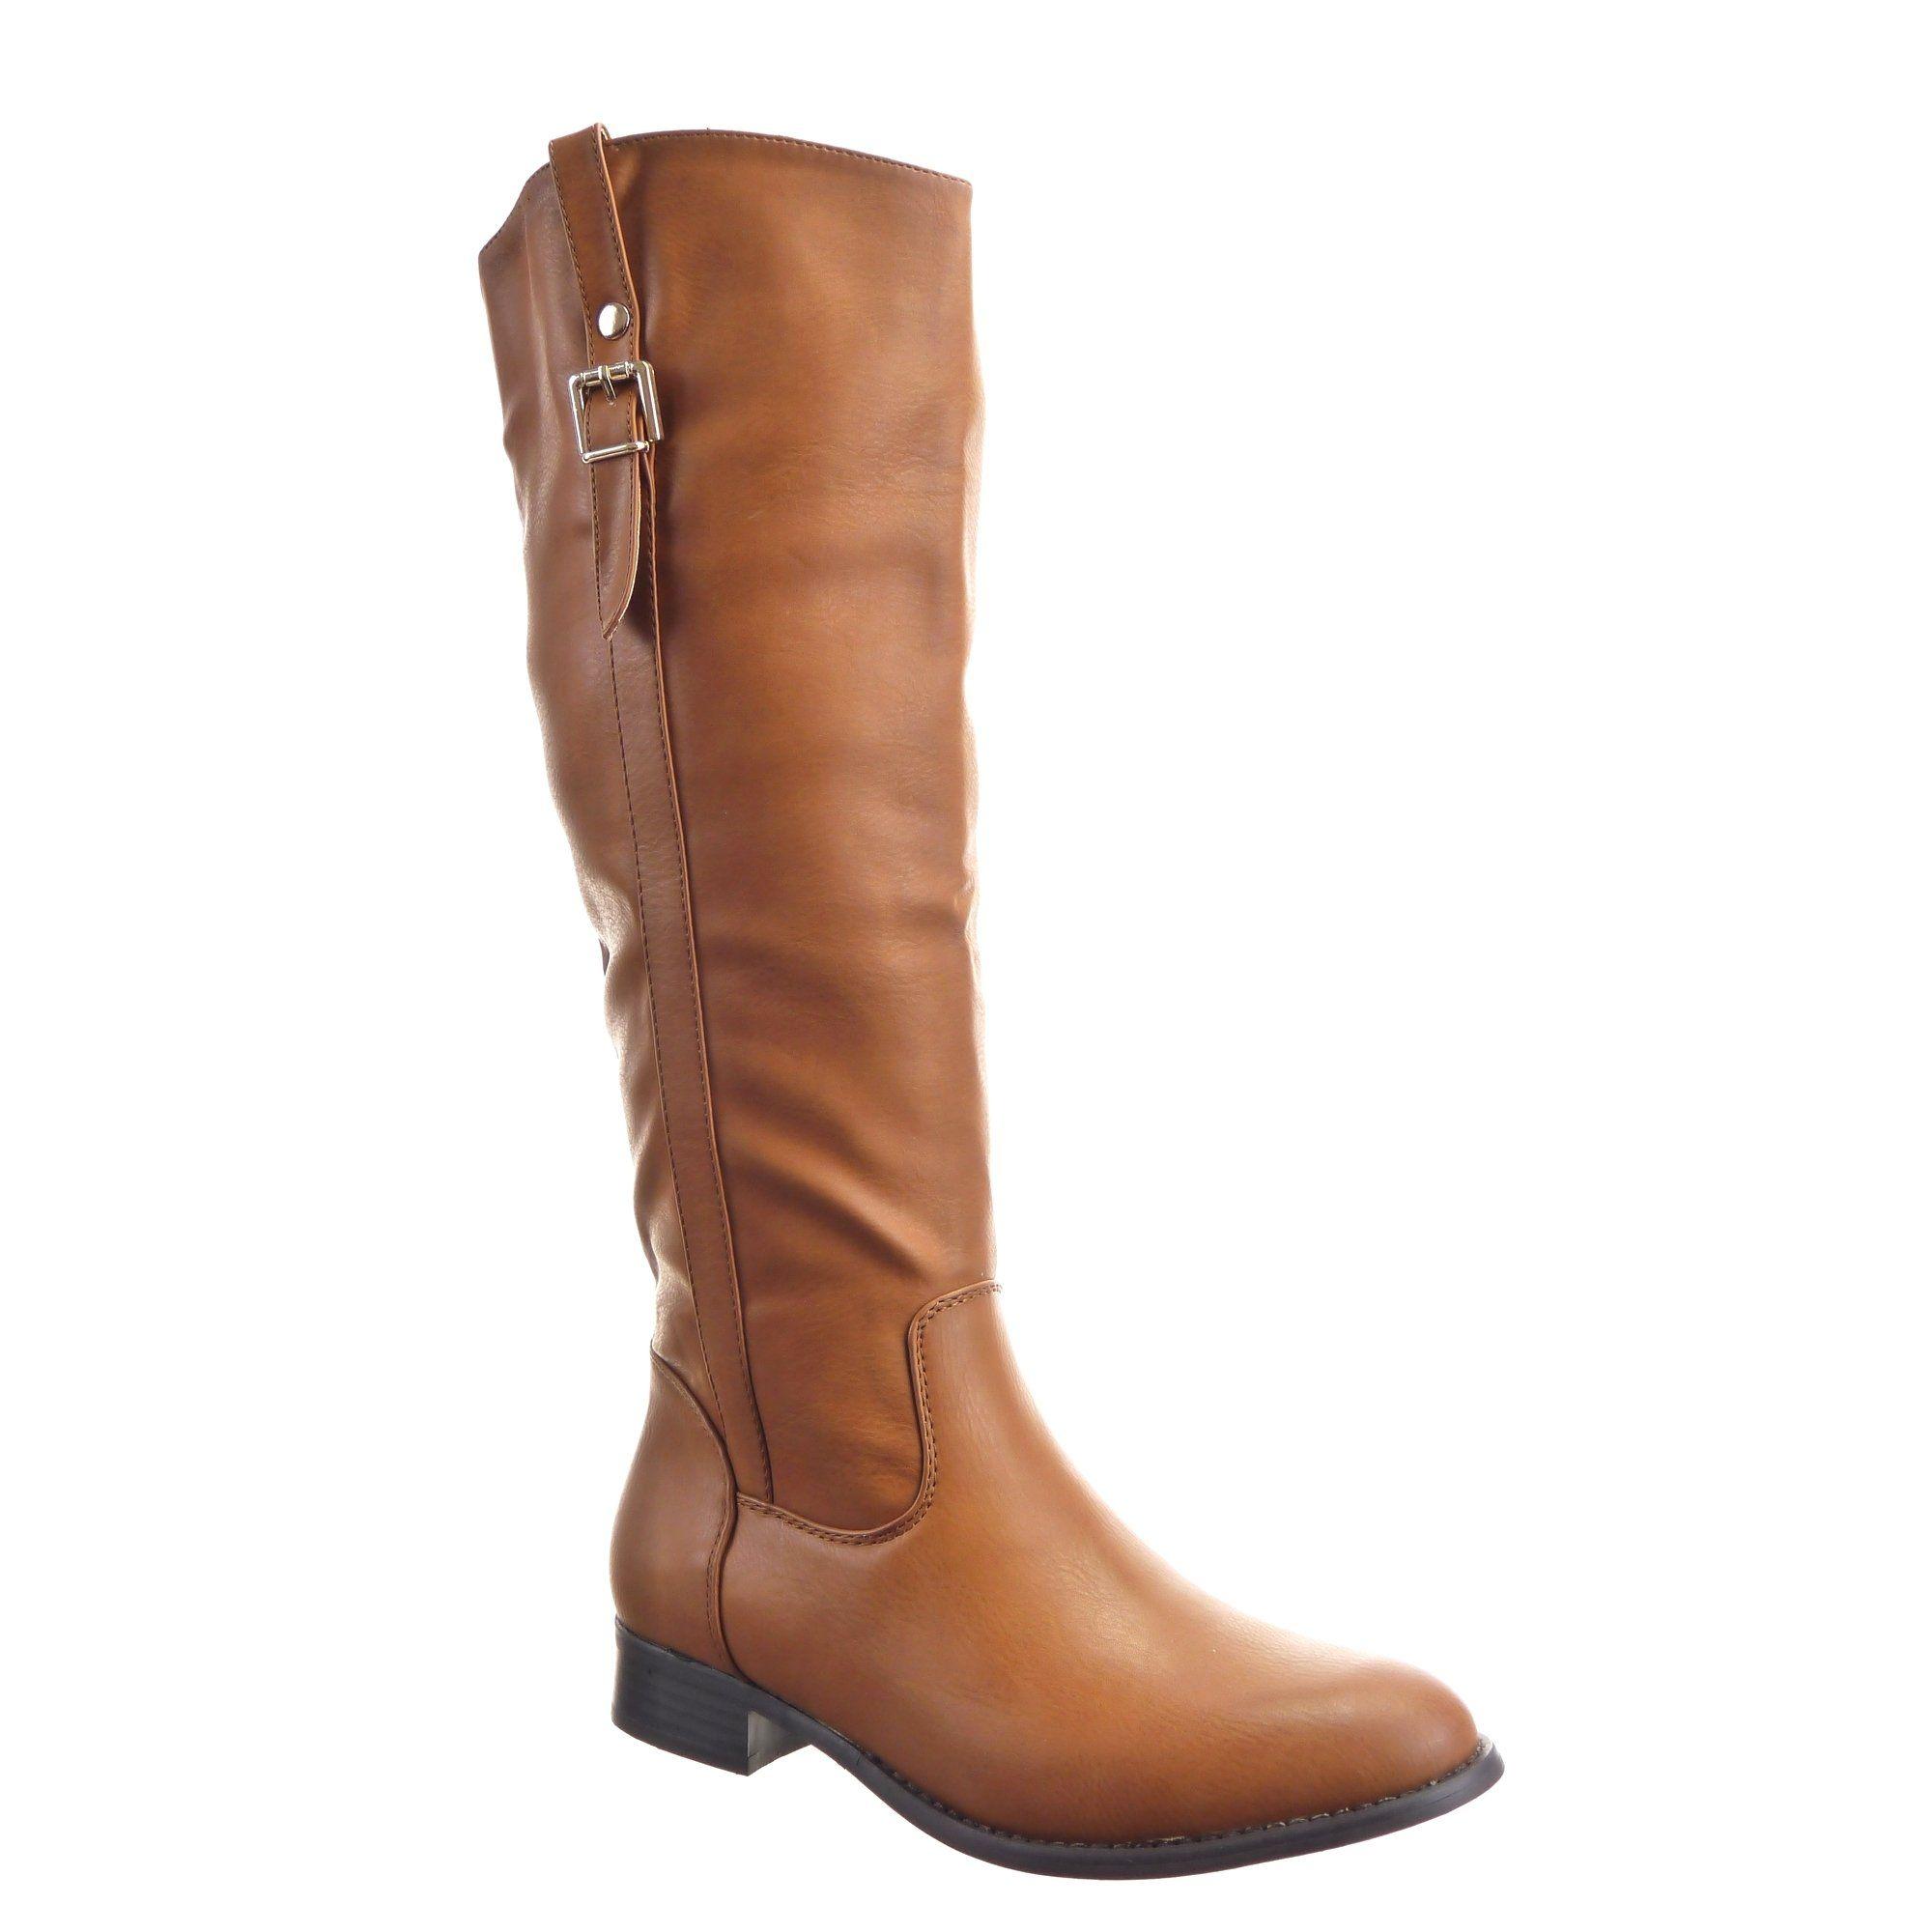 77445002fc1 Sopily - Zapatillas de Moda Botas Cavalier Rodilla mujer Hebilla Talón  Tacón ancho 3 CM - plantilla sintética - forradas en piel - Camel   Amazon.es  Zapatos ...